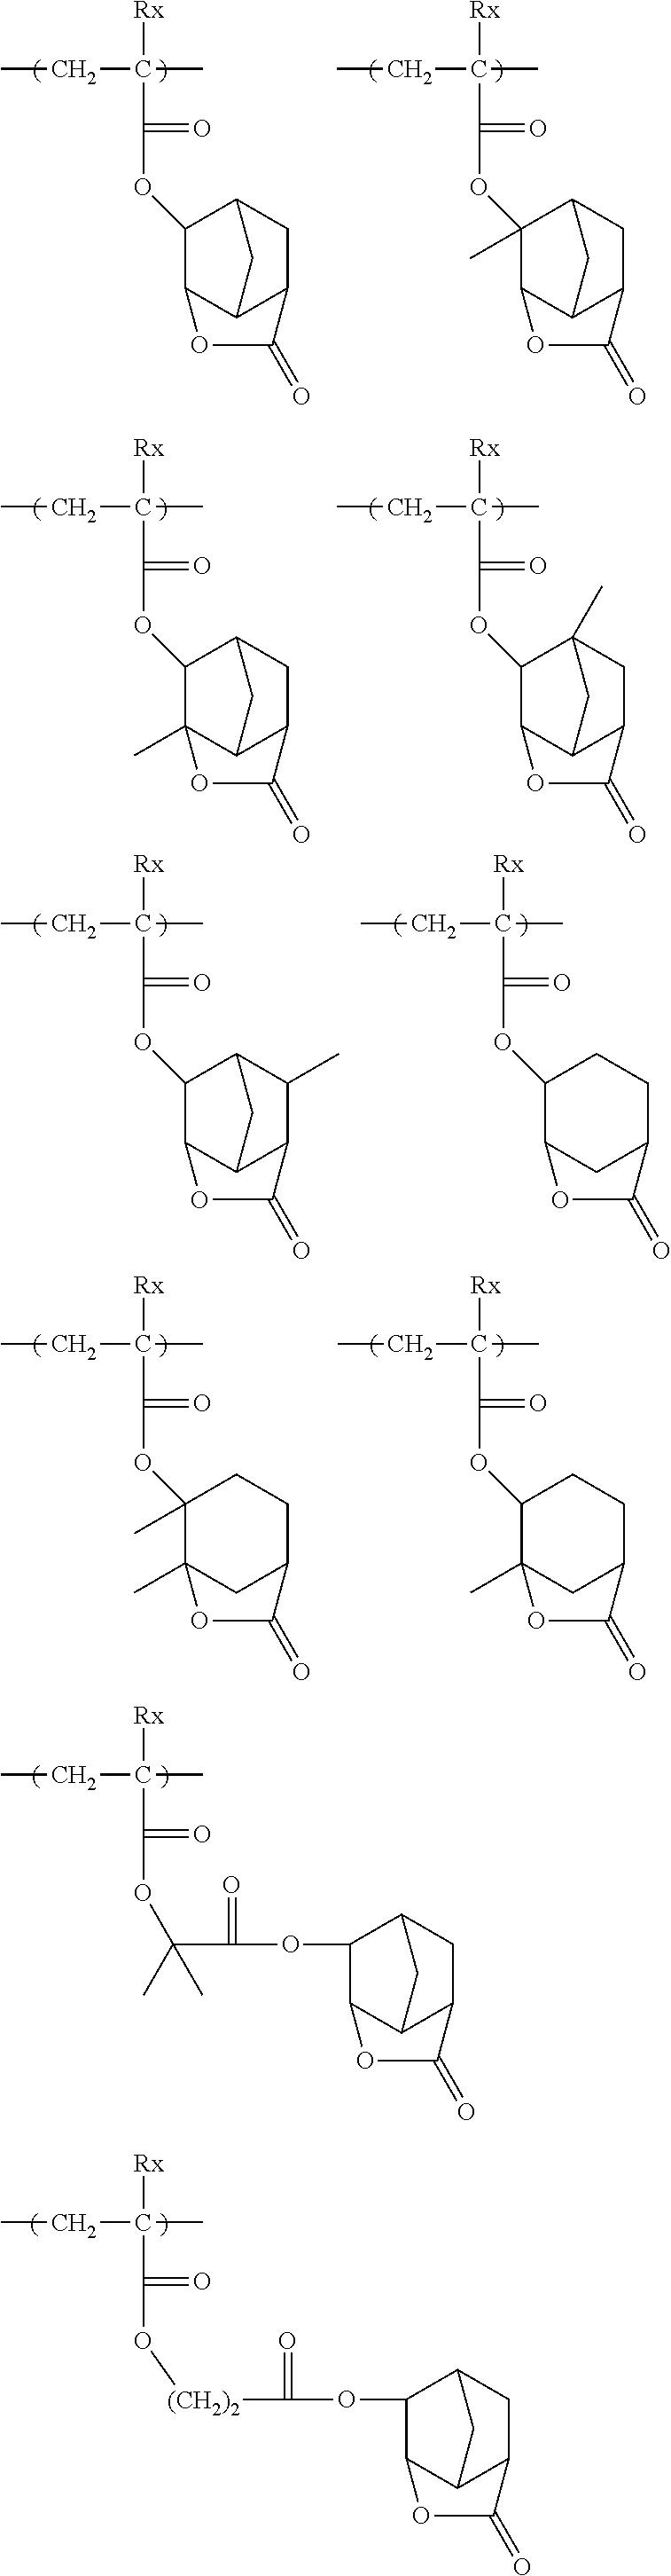 Figure US08476001-20130702-C00029